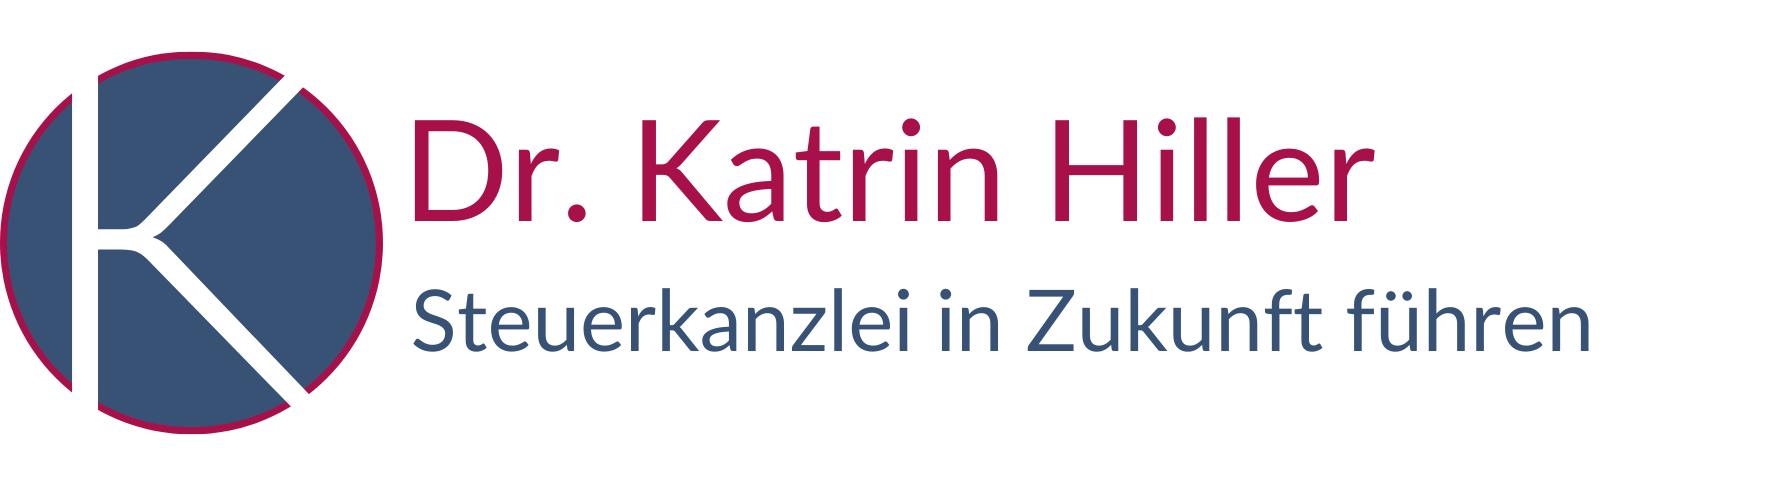 Dr. Katrin Hiller